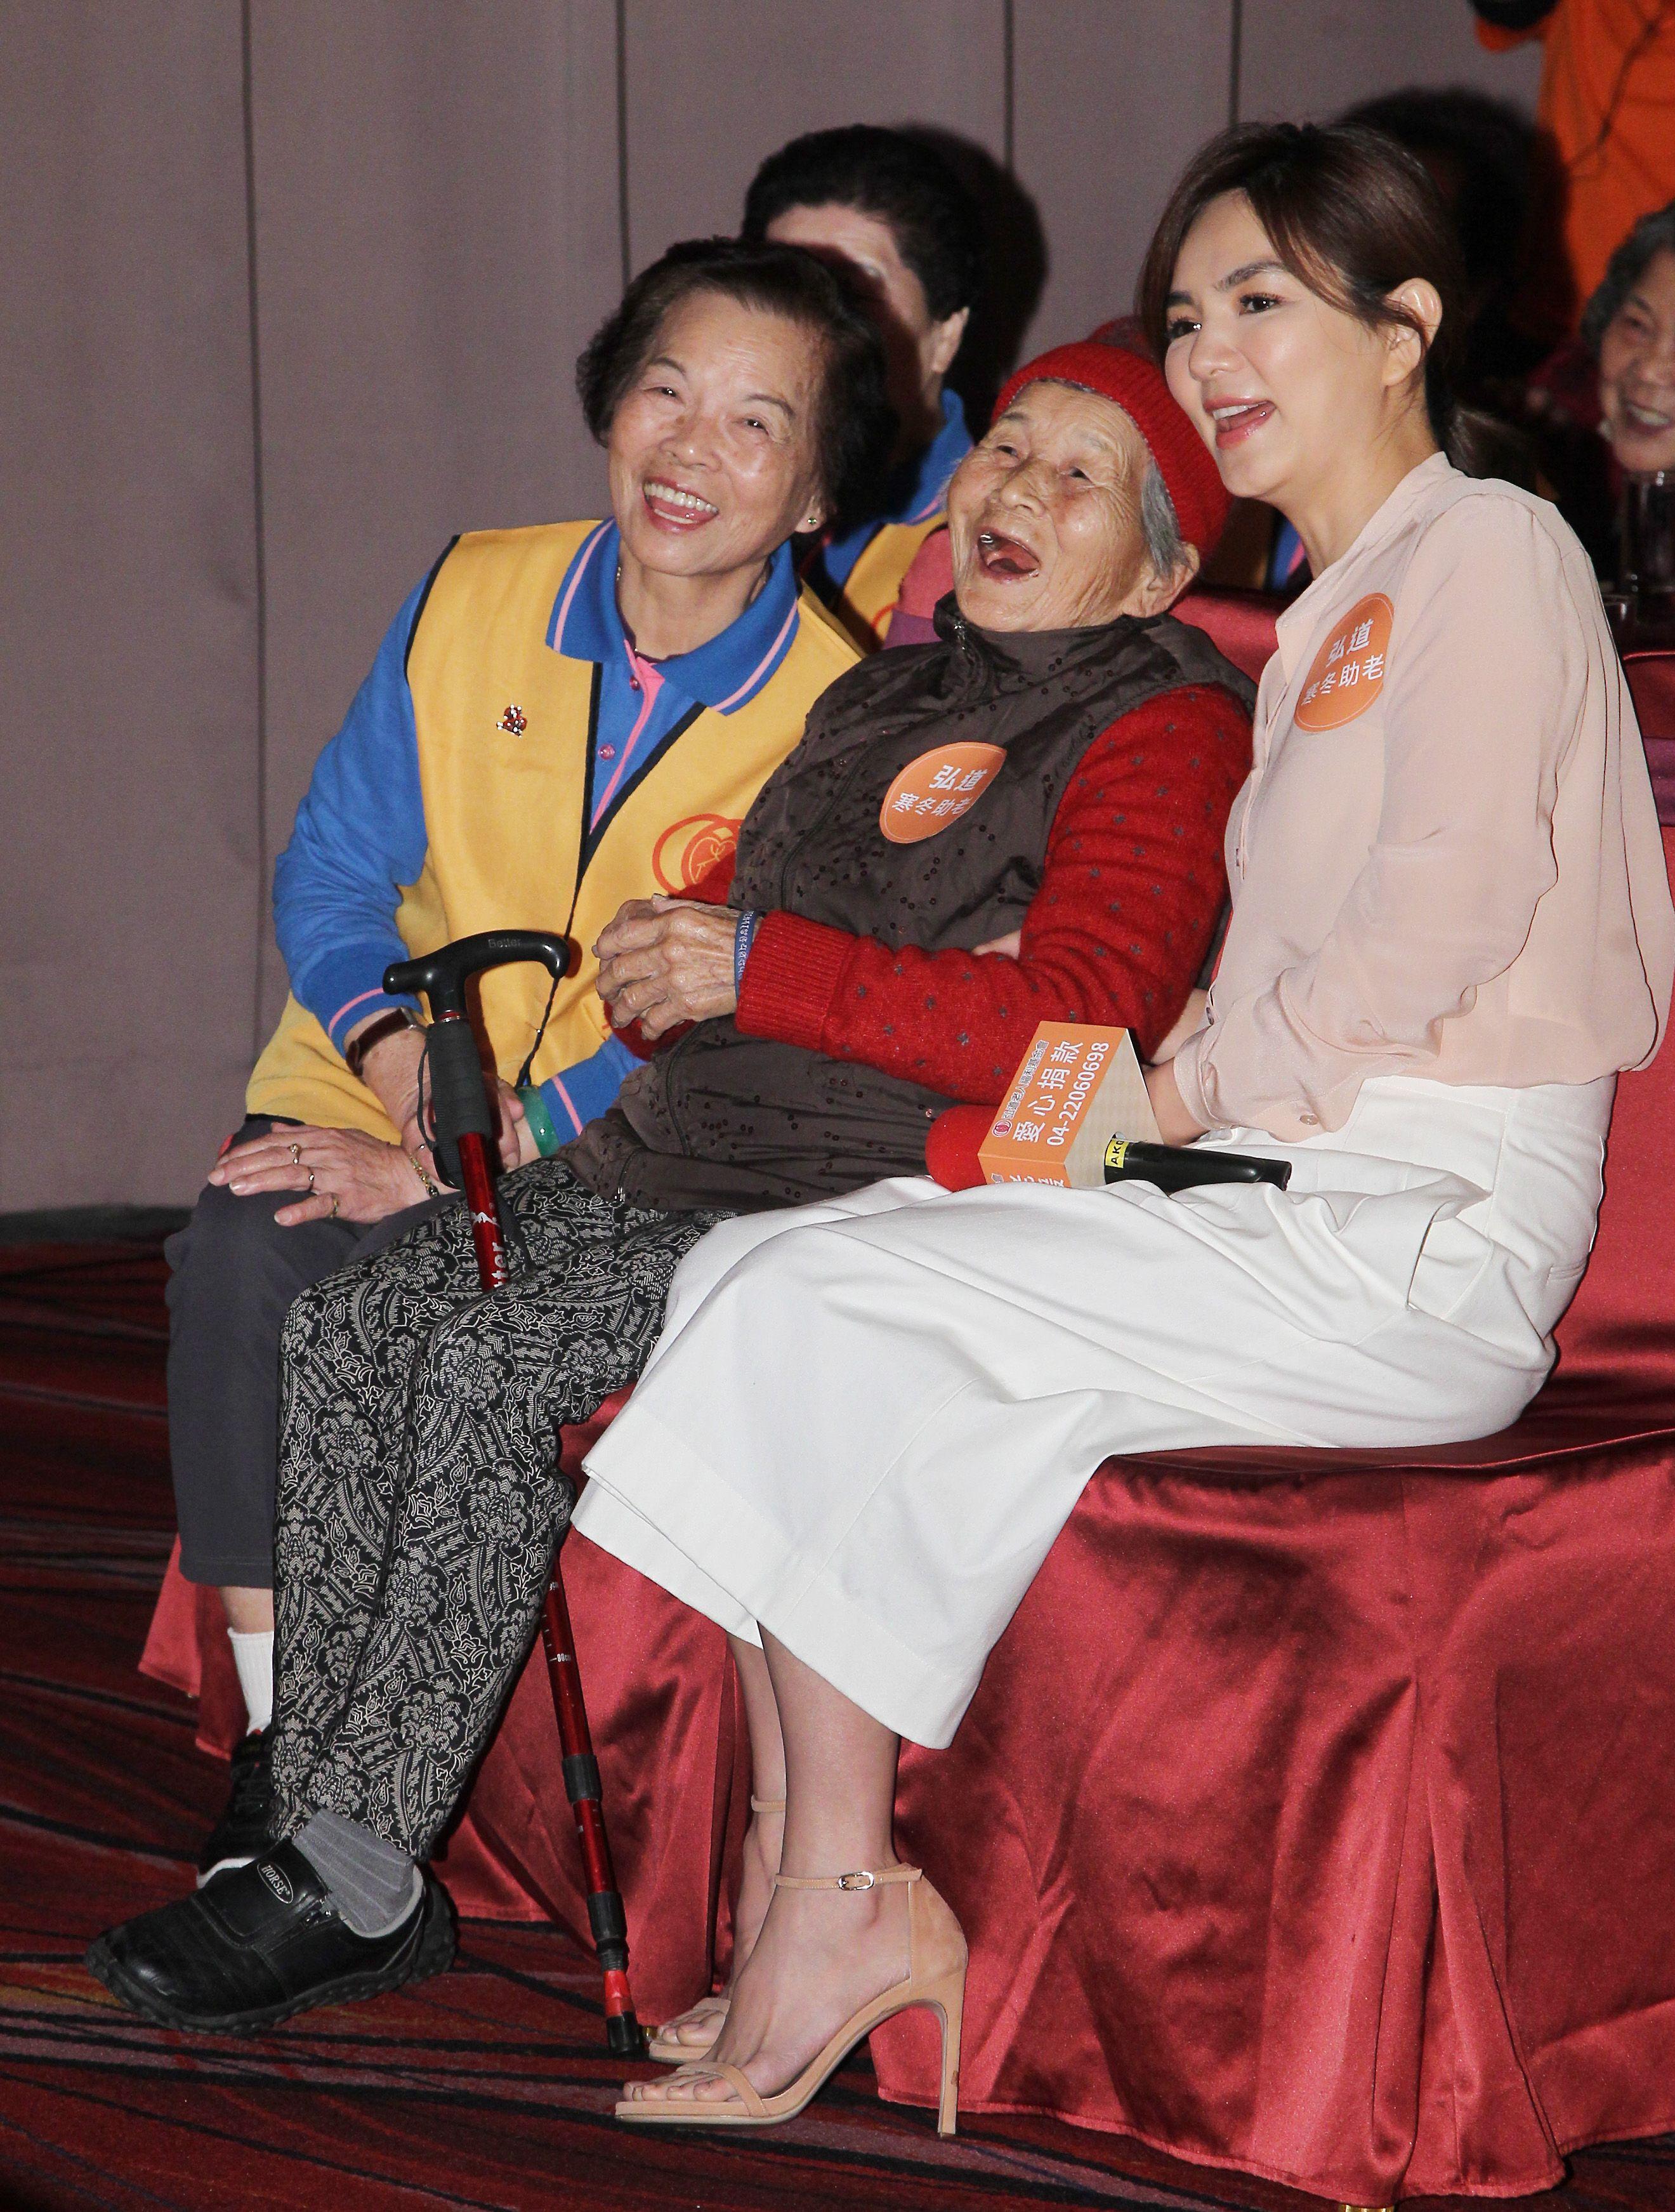 Ella陳嘉樺寒冬助老人陪92歲阿嬤圍爐。(記者邱榮吉/攝影)